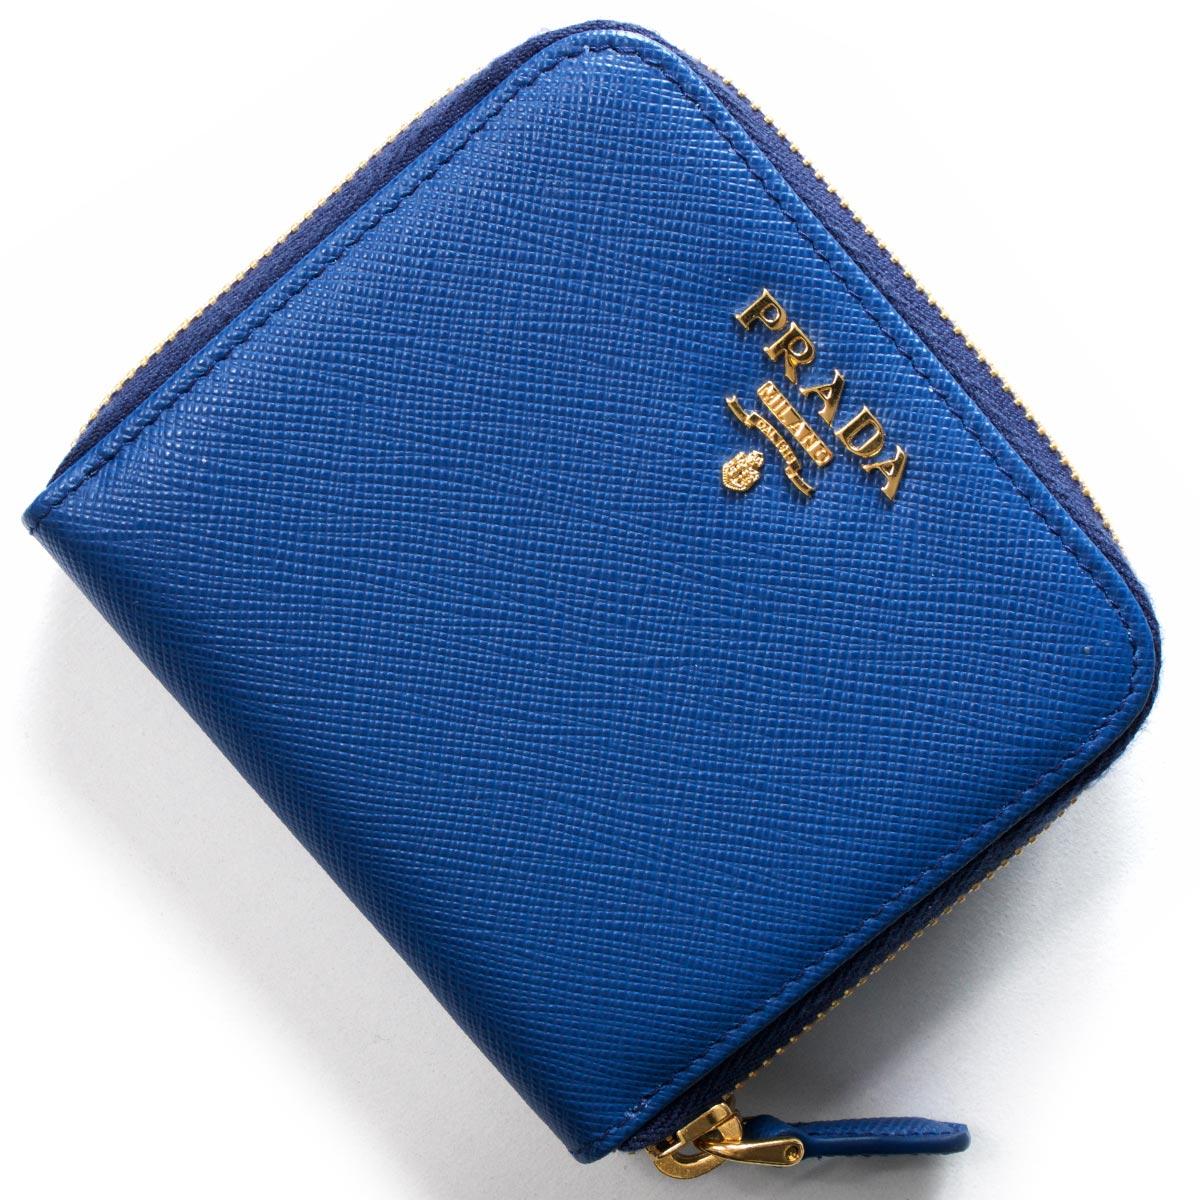 プラダ 二つ折り財布 財布 レディース サフィアーノ メタル SAFFIANO METAL アズーロブルー 1ML522 QWA F0013 PRADA